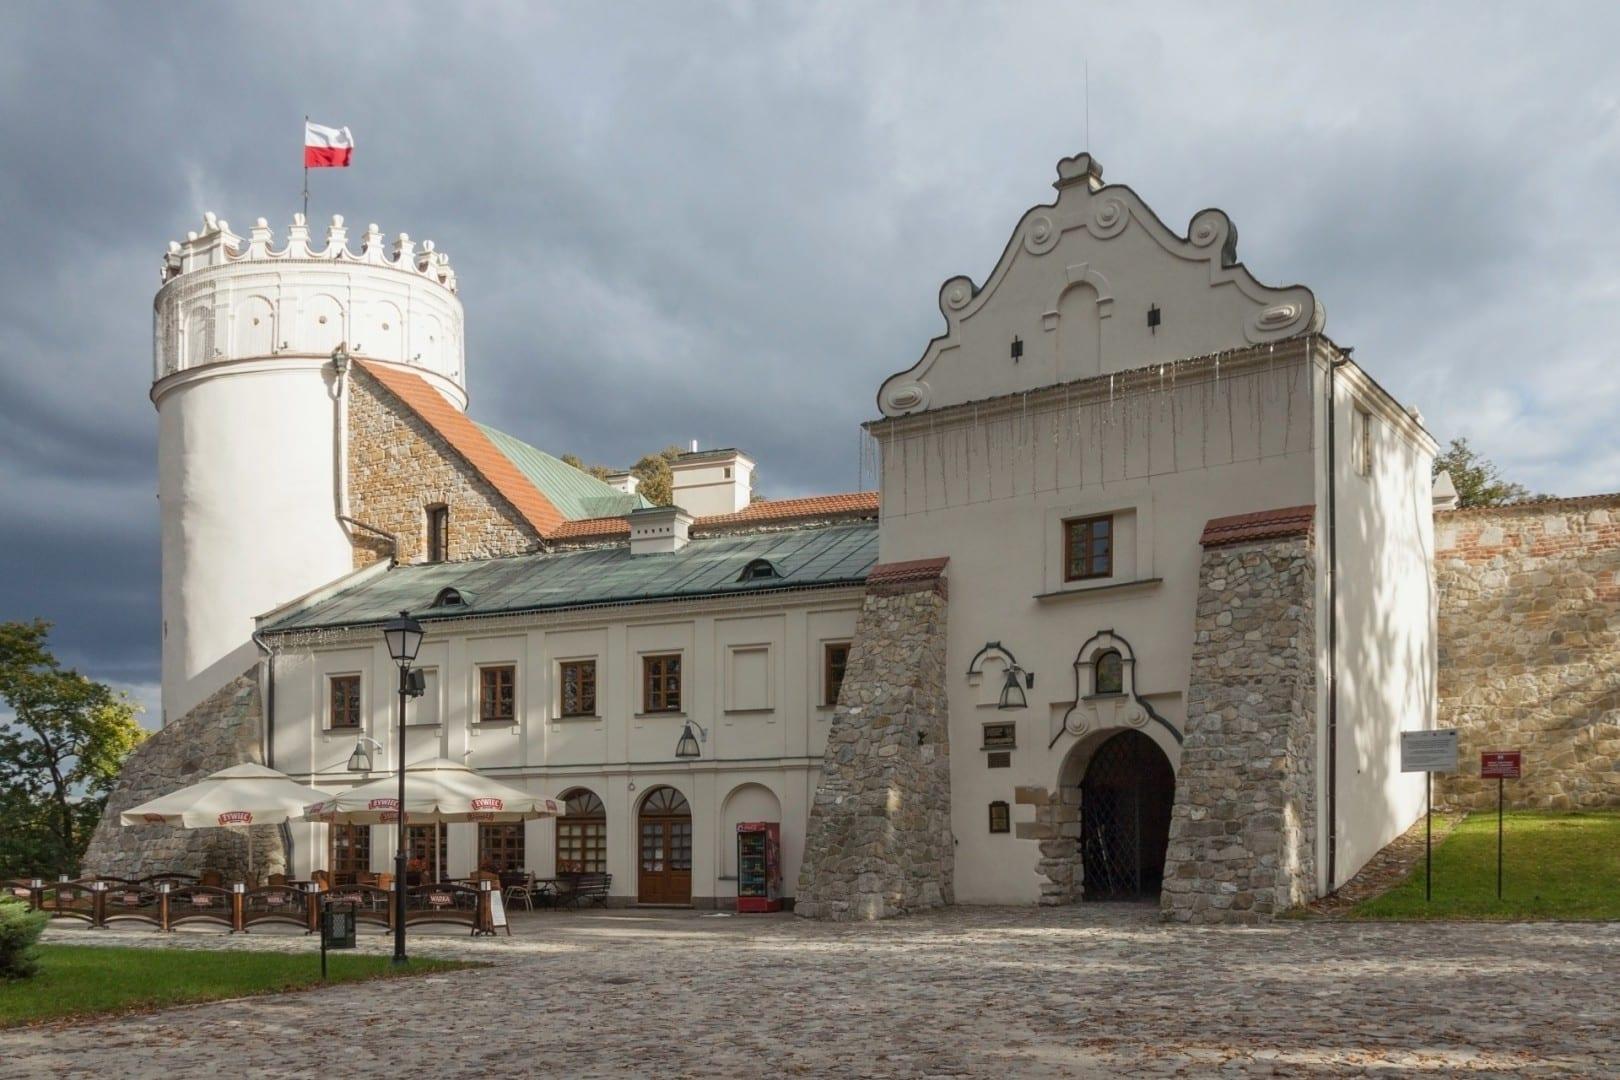 Piensa en el Castillo Przemysl Polonia